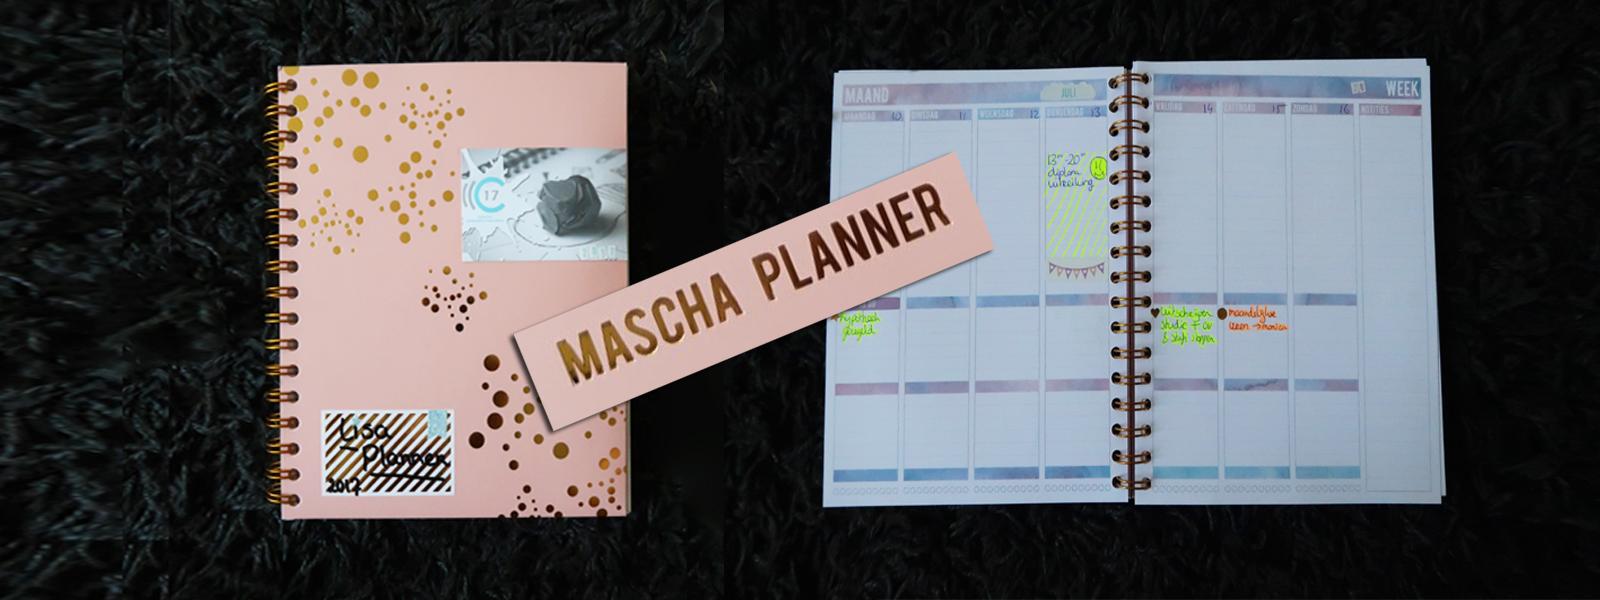 Mascha planner review